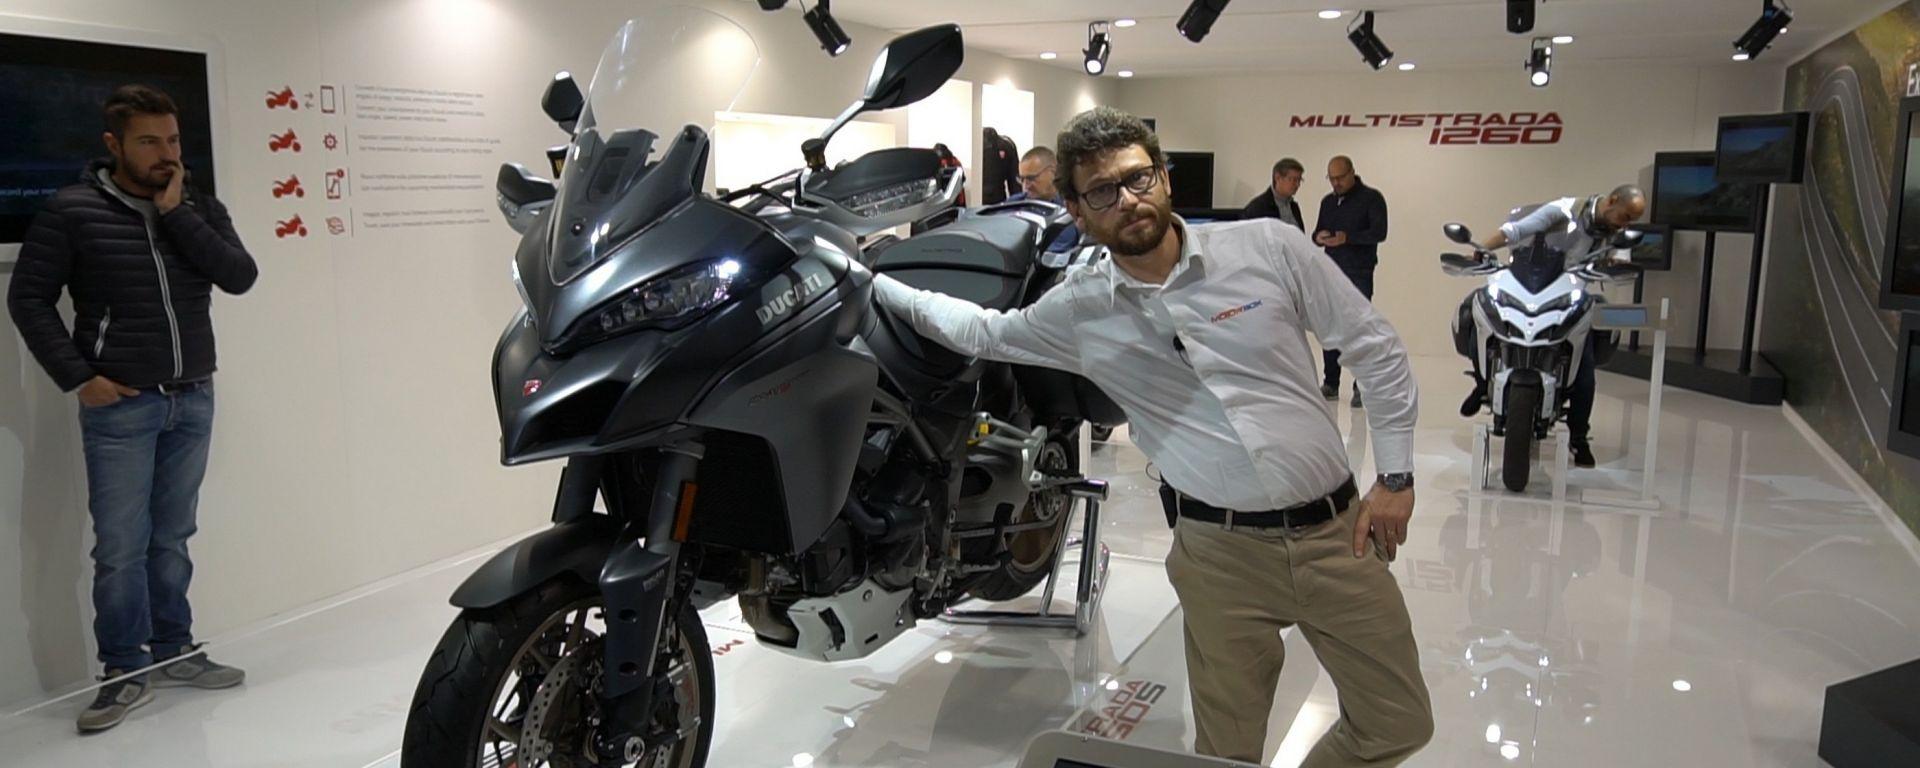 Nuova Ducati Multistrada 2018: il motore cresce fino a 1260 cc [VIDEO]